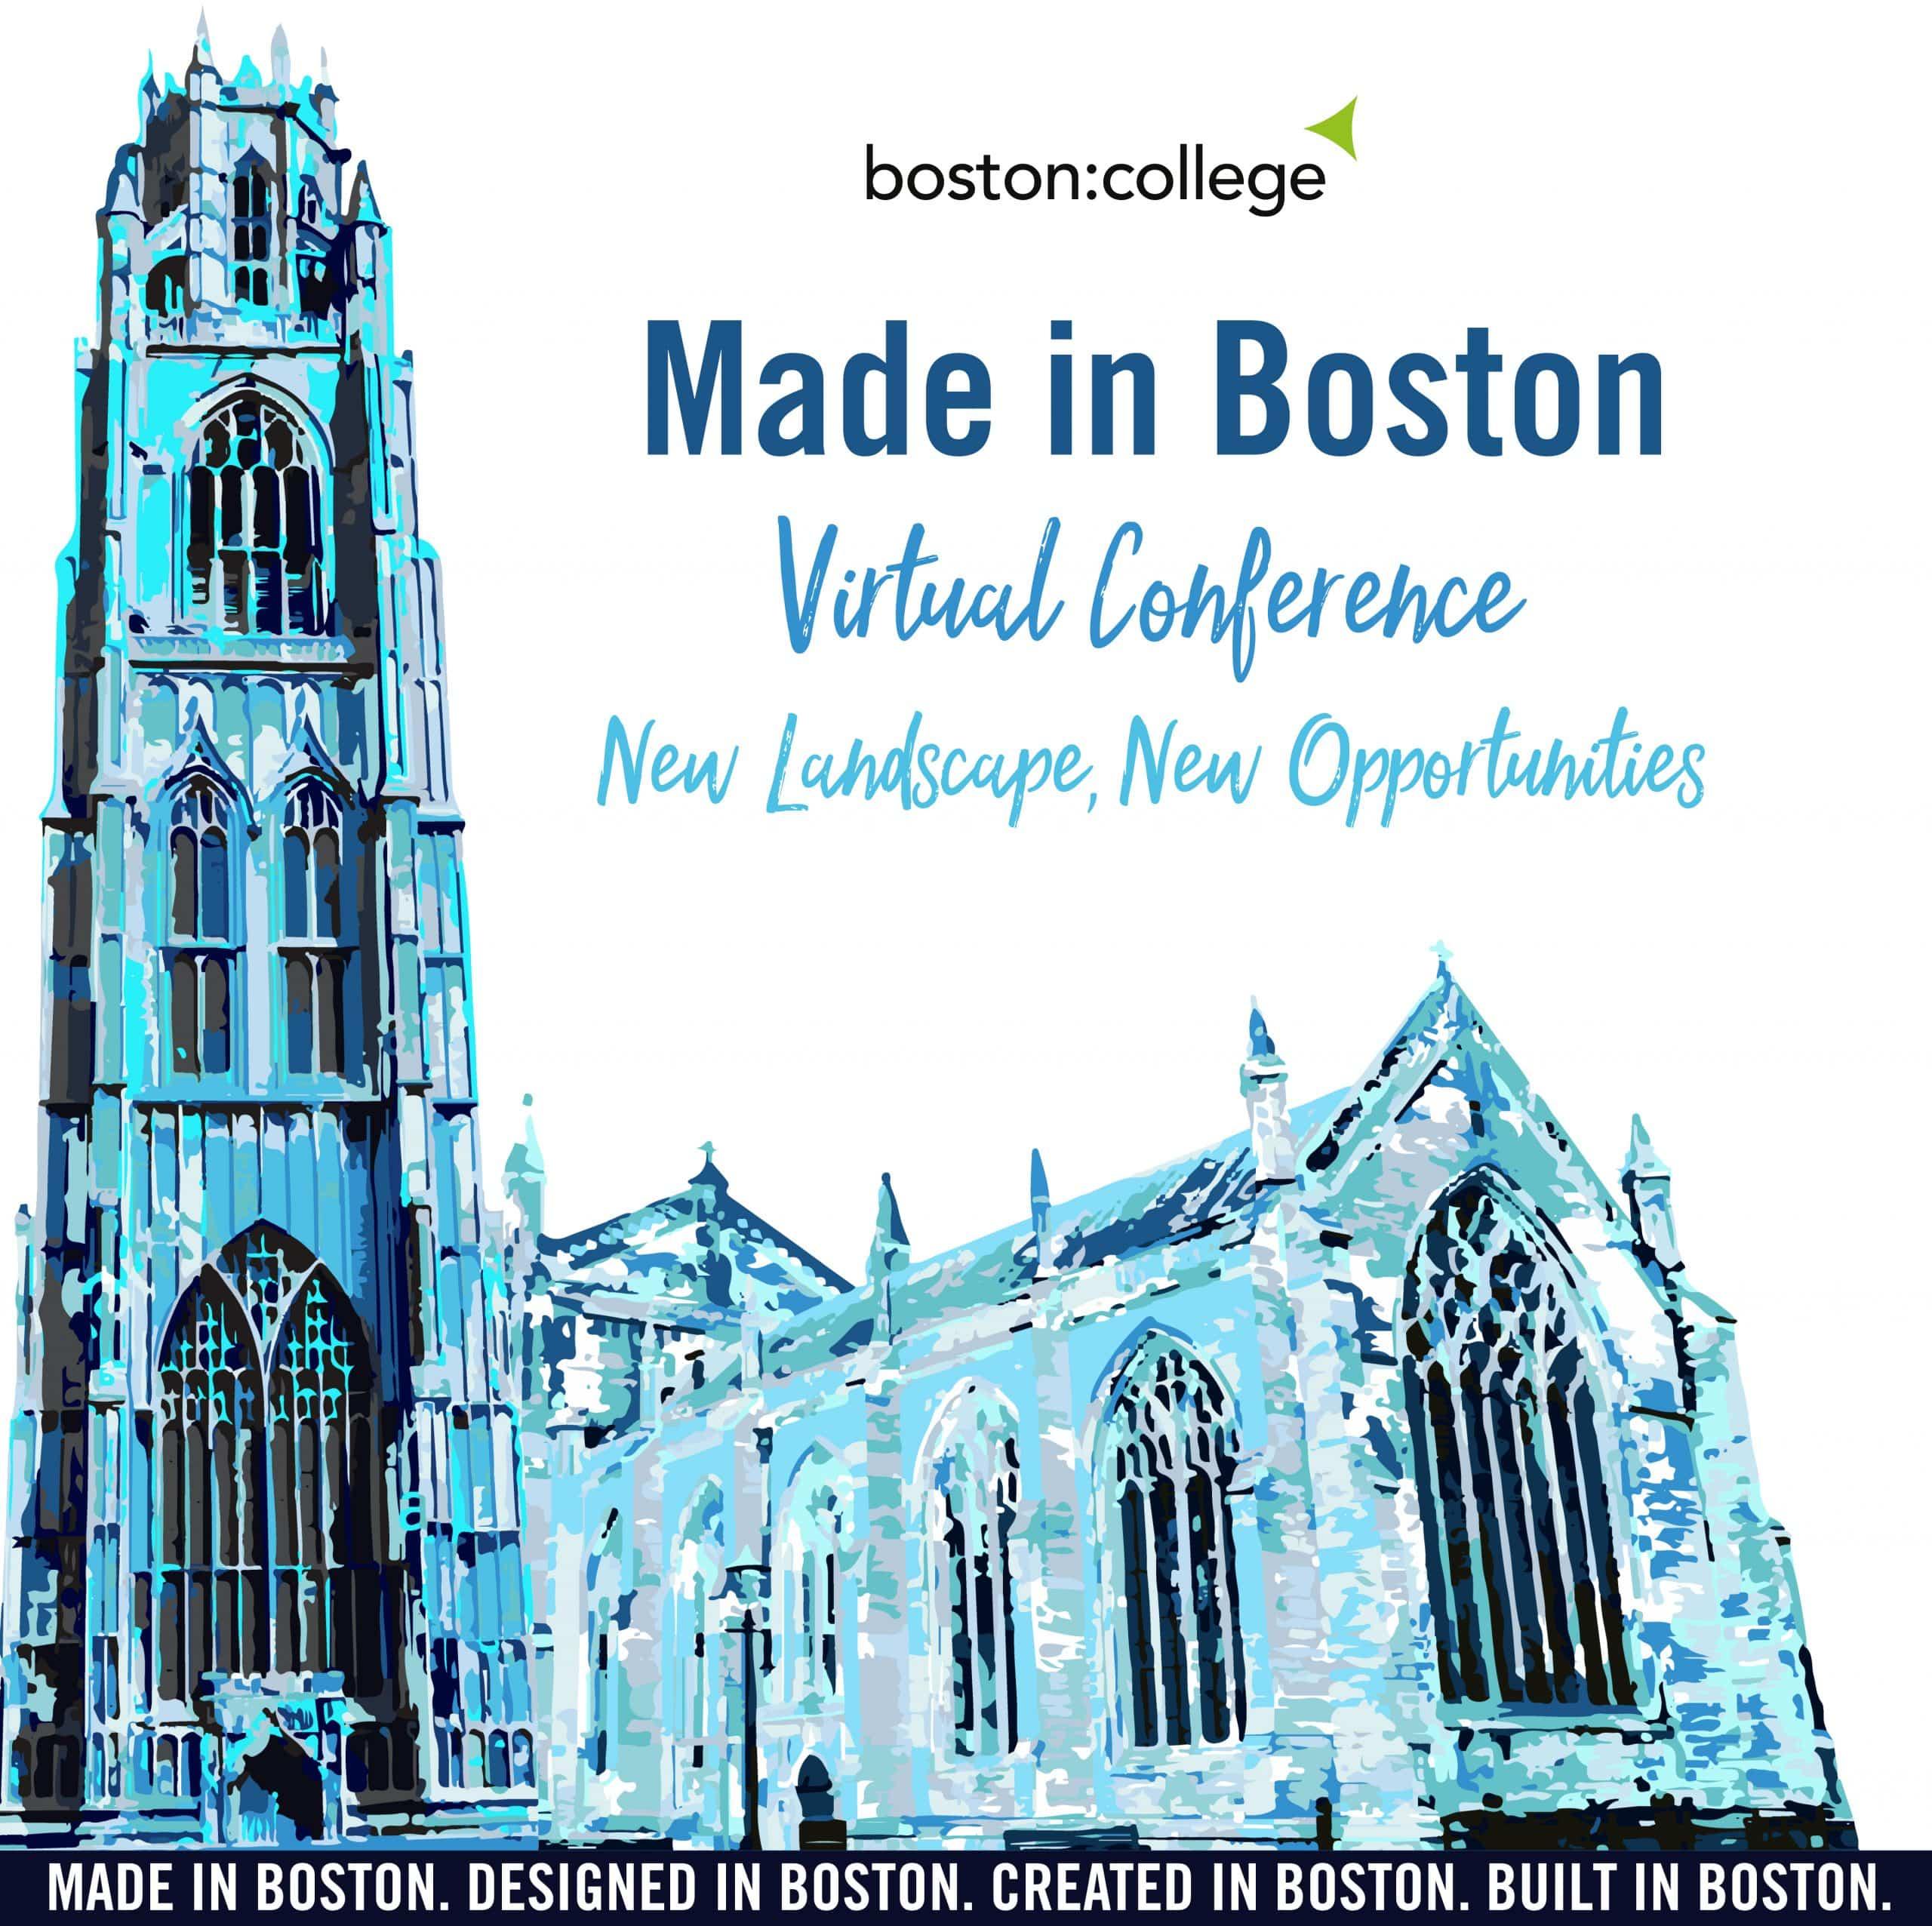 Made In Boston Award Winners 2020 | Euroflow Automation Ltd